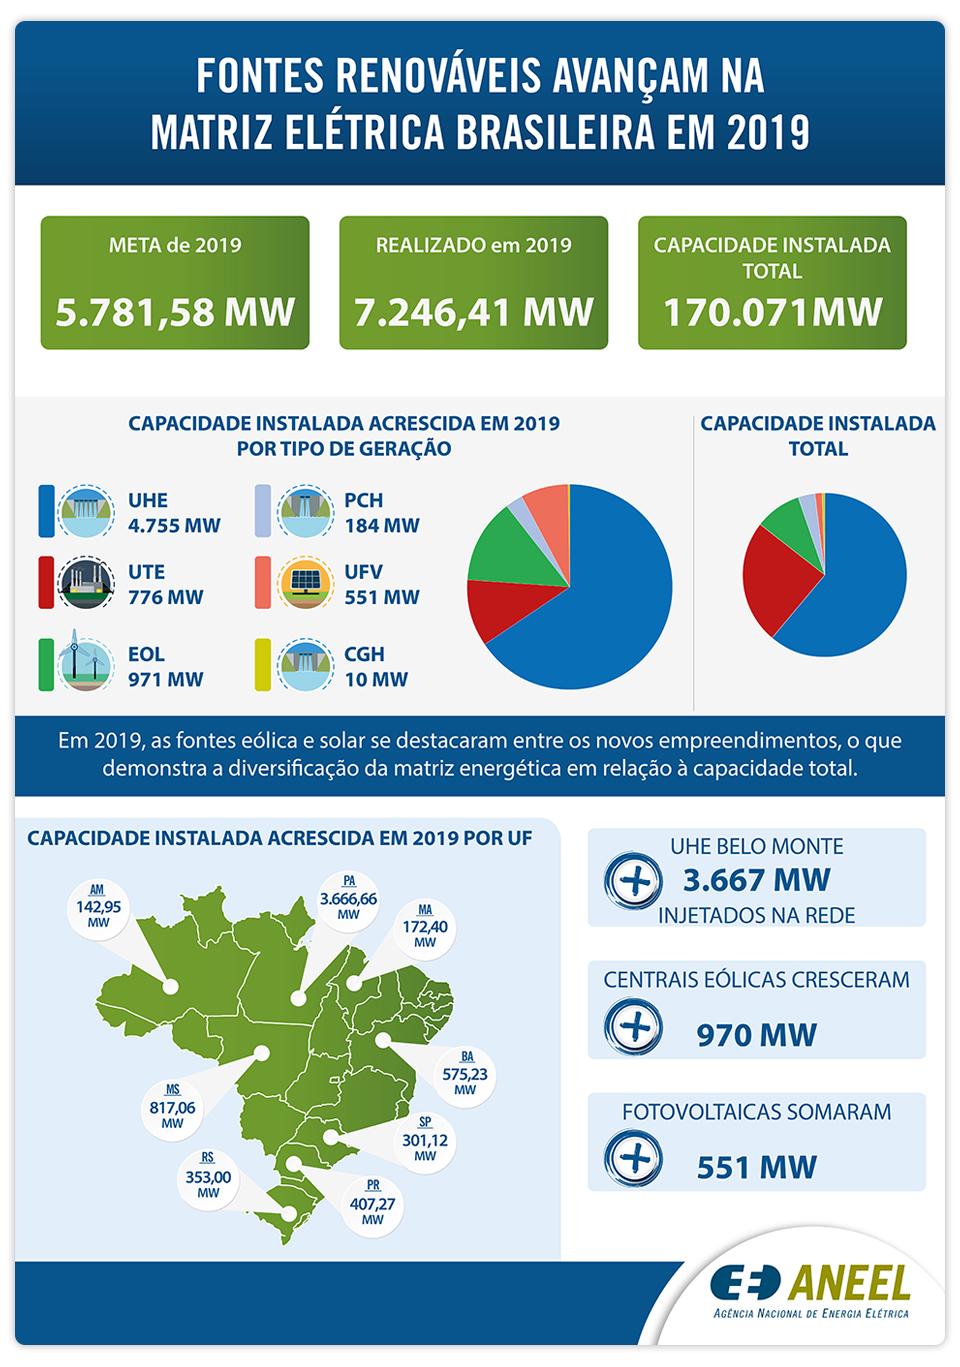 infográfico da Aneel com dados sobre energias renováveis no Brasil.